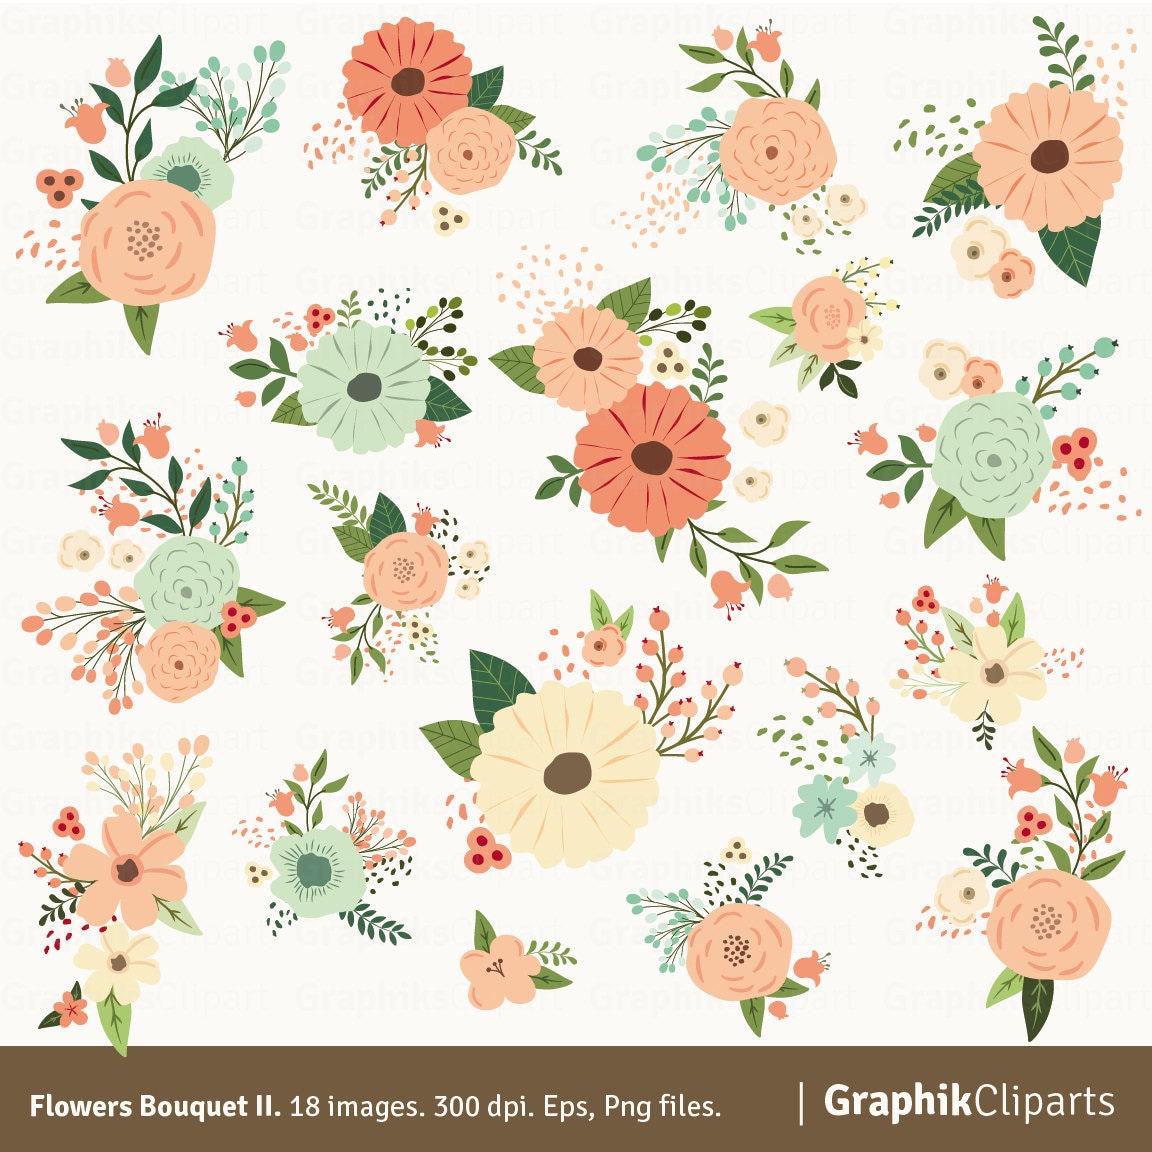 Floral Bouquet II Clipart. FLOWERS CLIPART. Flower